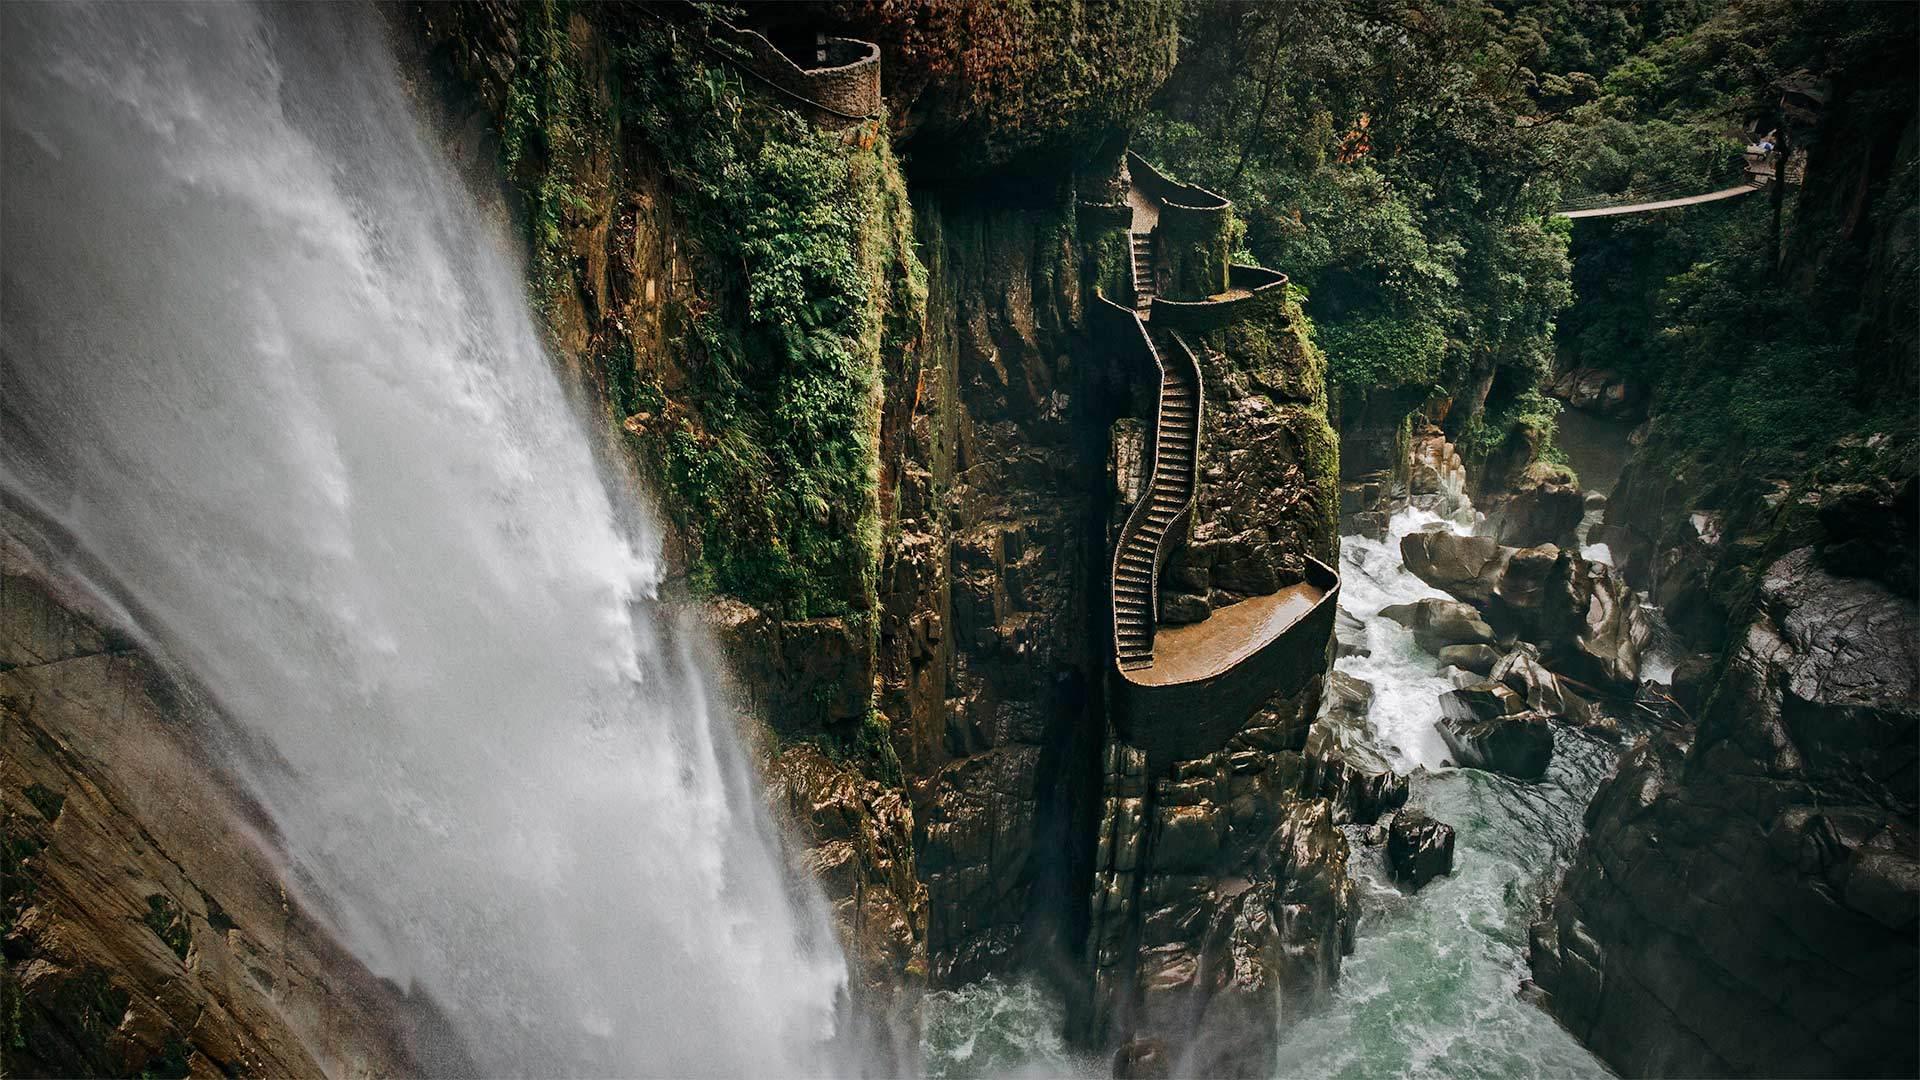 巴尼奥斯附近的阿格杨瀑布阿格杨瀑布